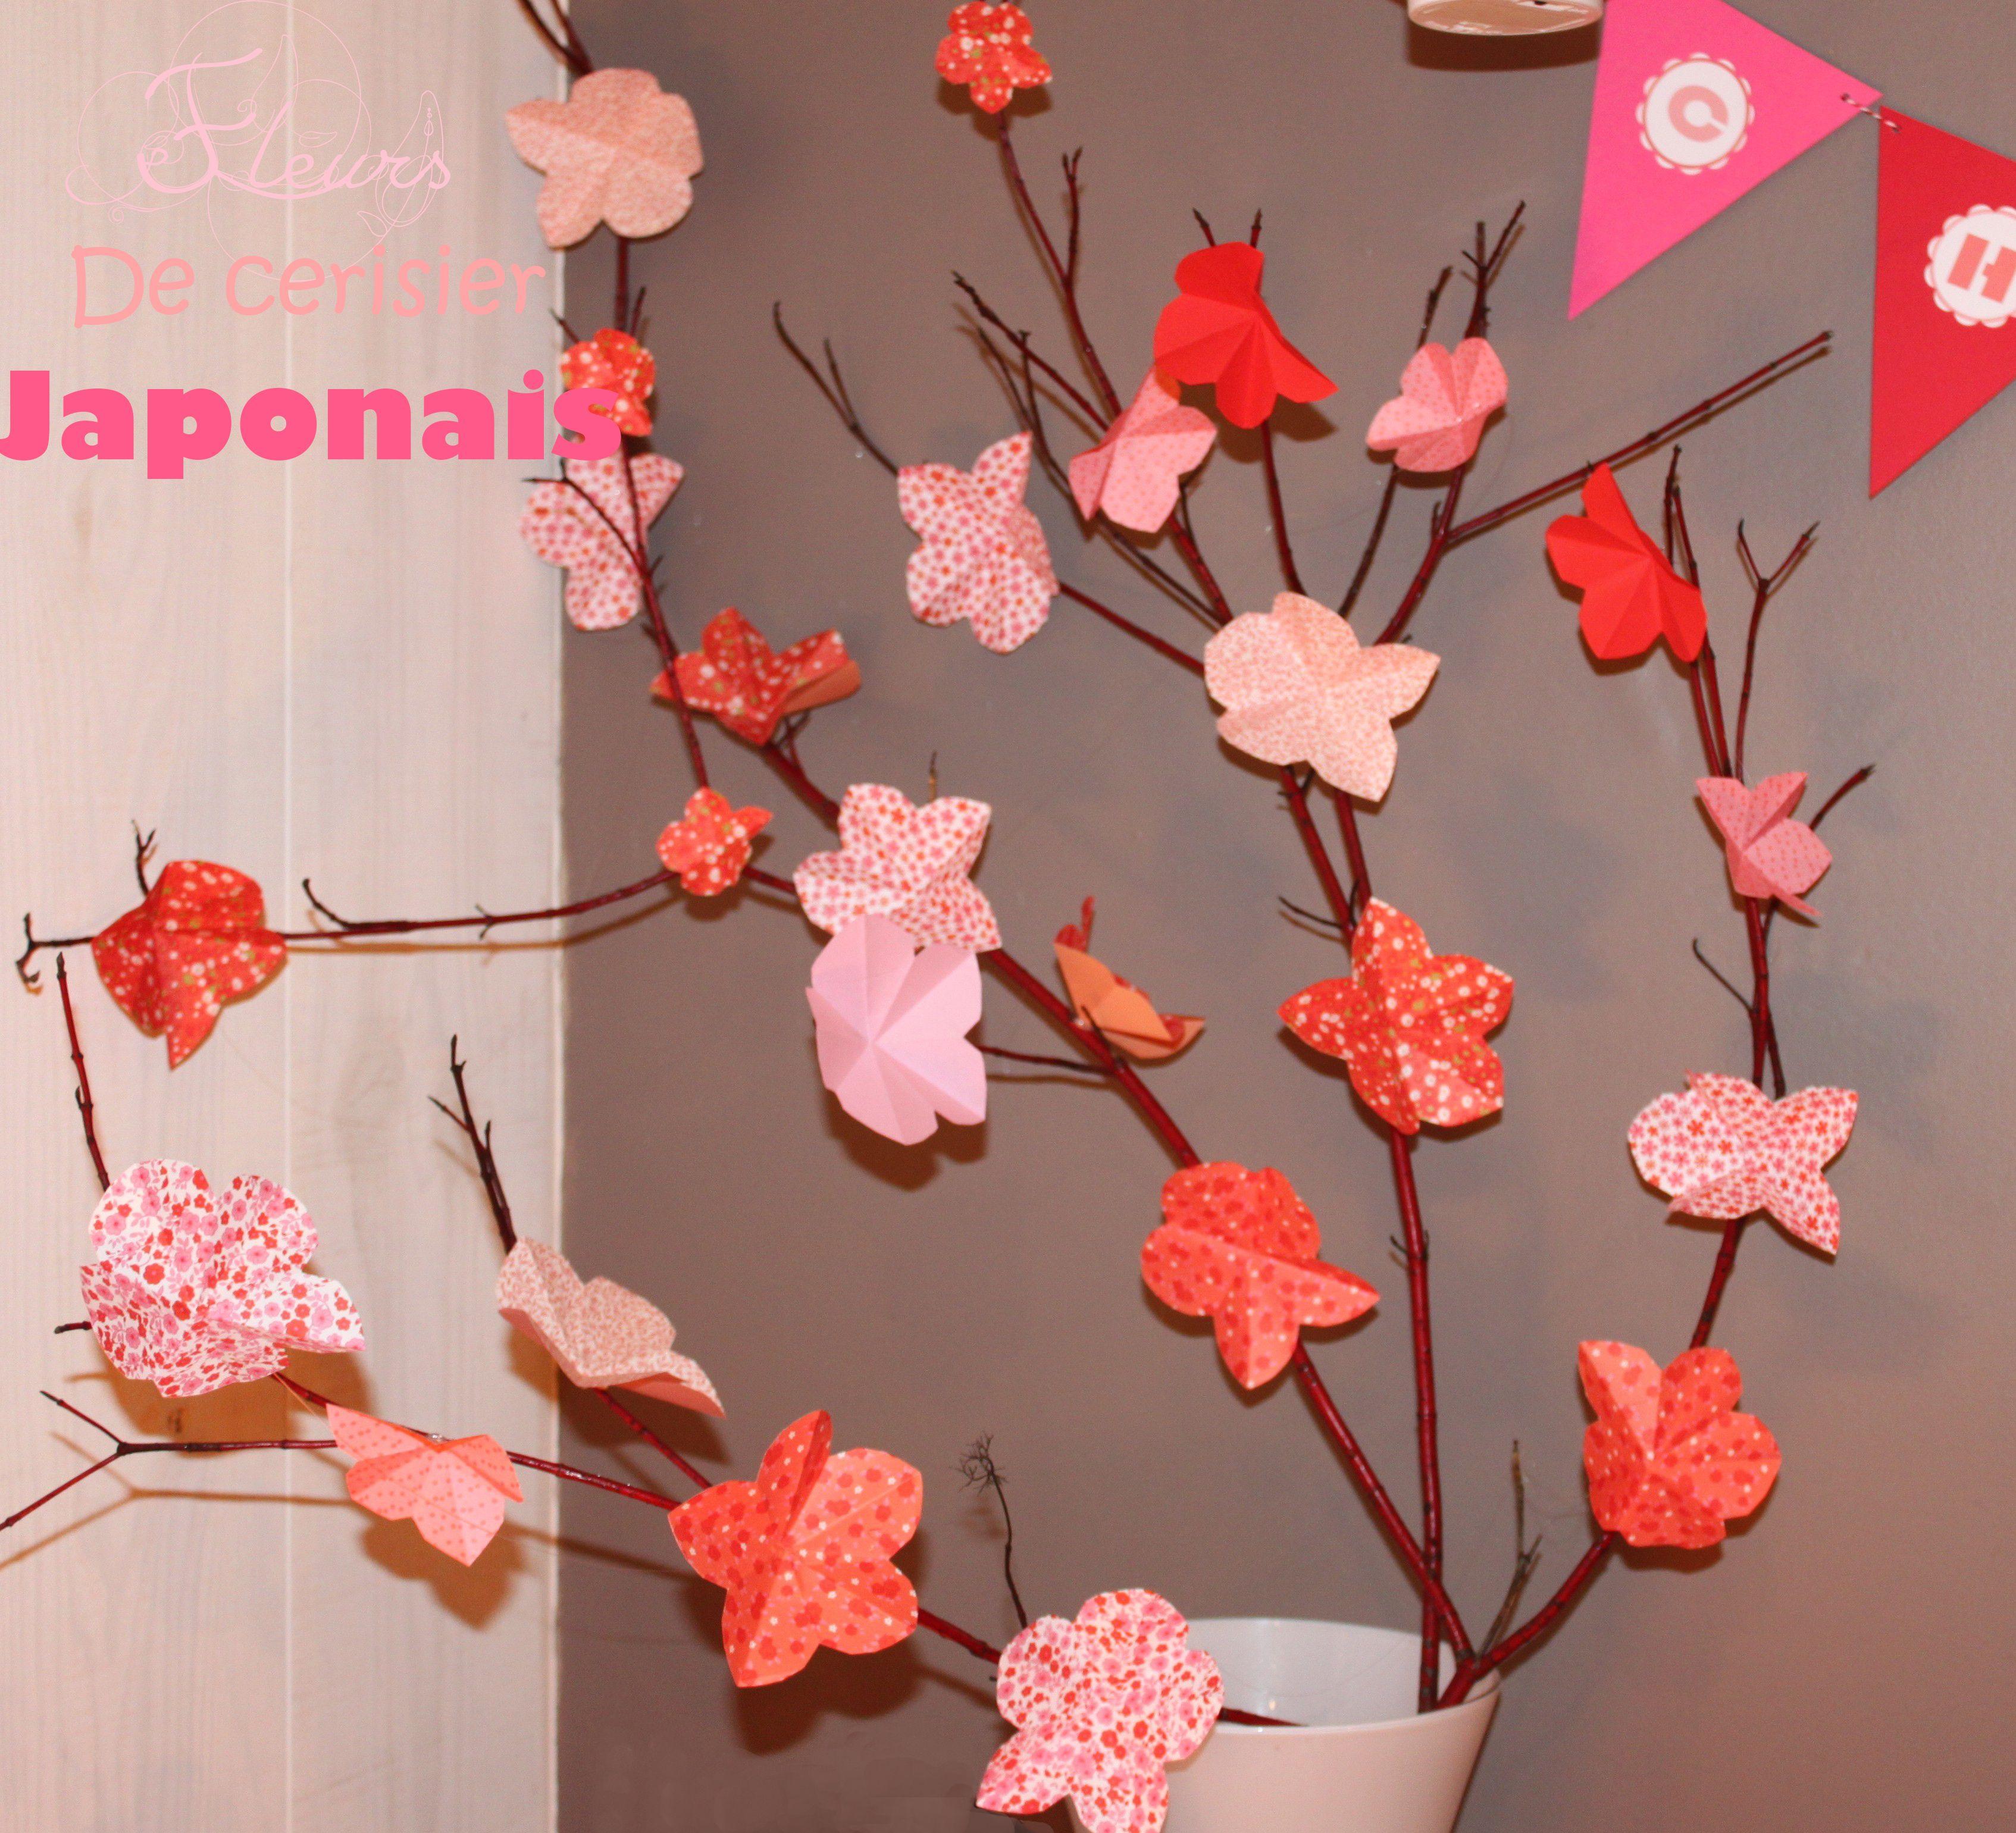 Diy Creer Des Fleurs De Cerisiers Japonais Deco Communion